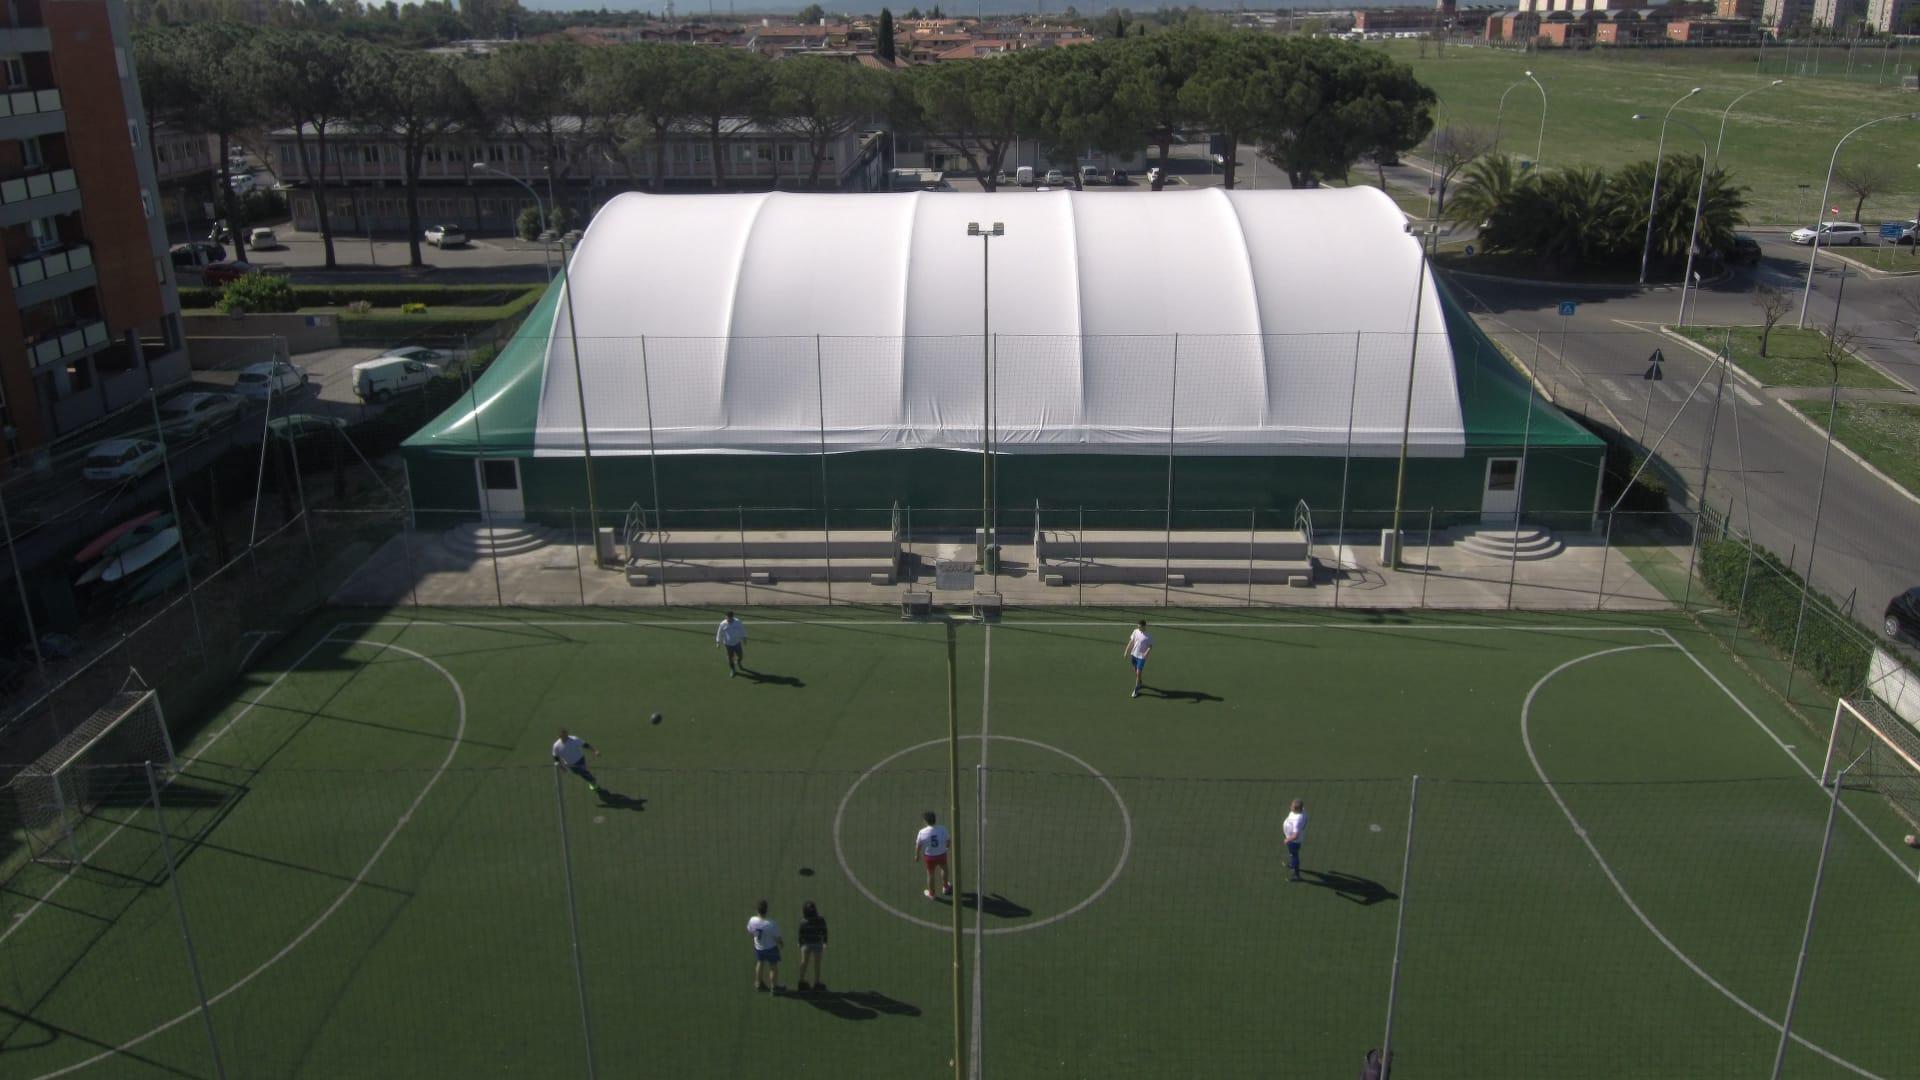 Tensostrutture per lo sport e impianti sportivi | Favaretti Group